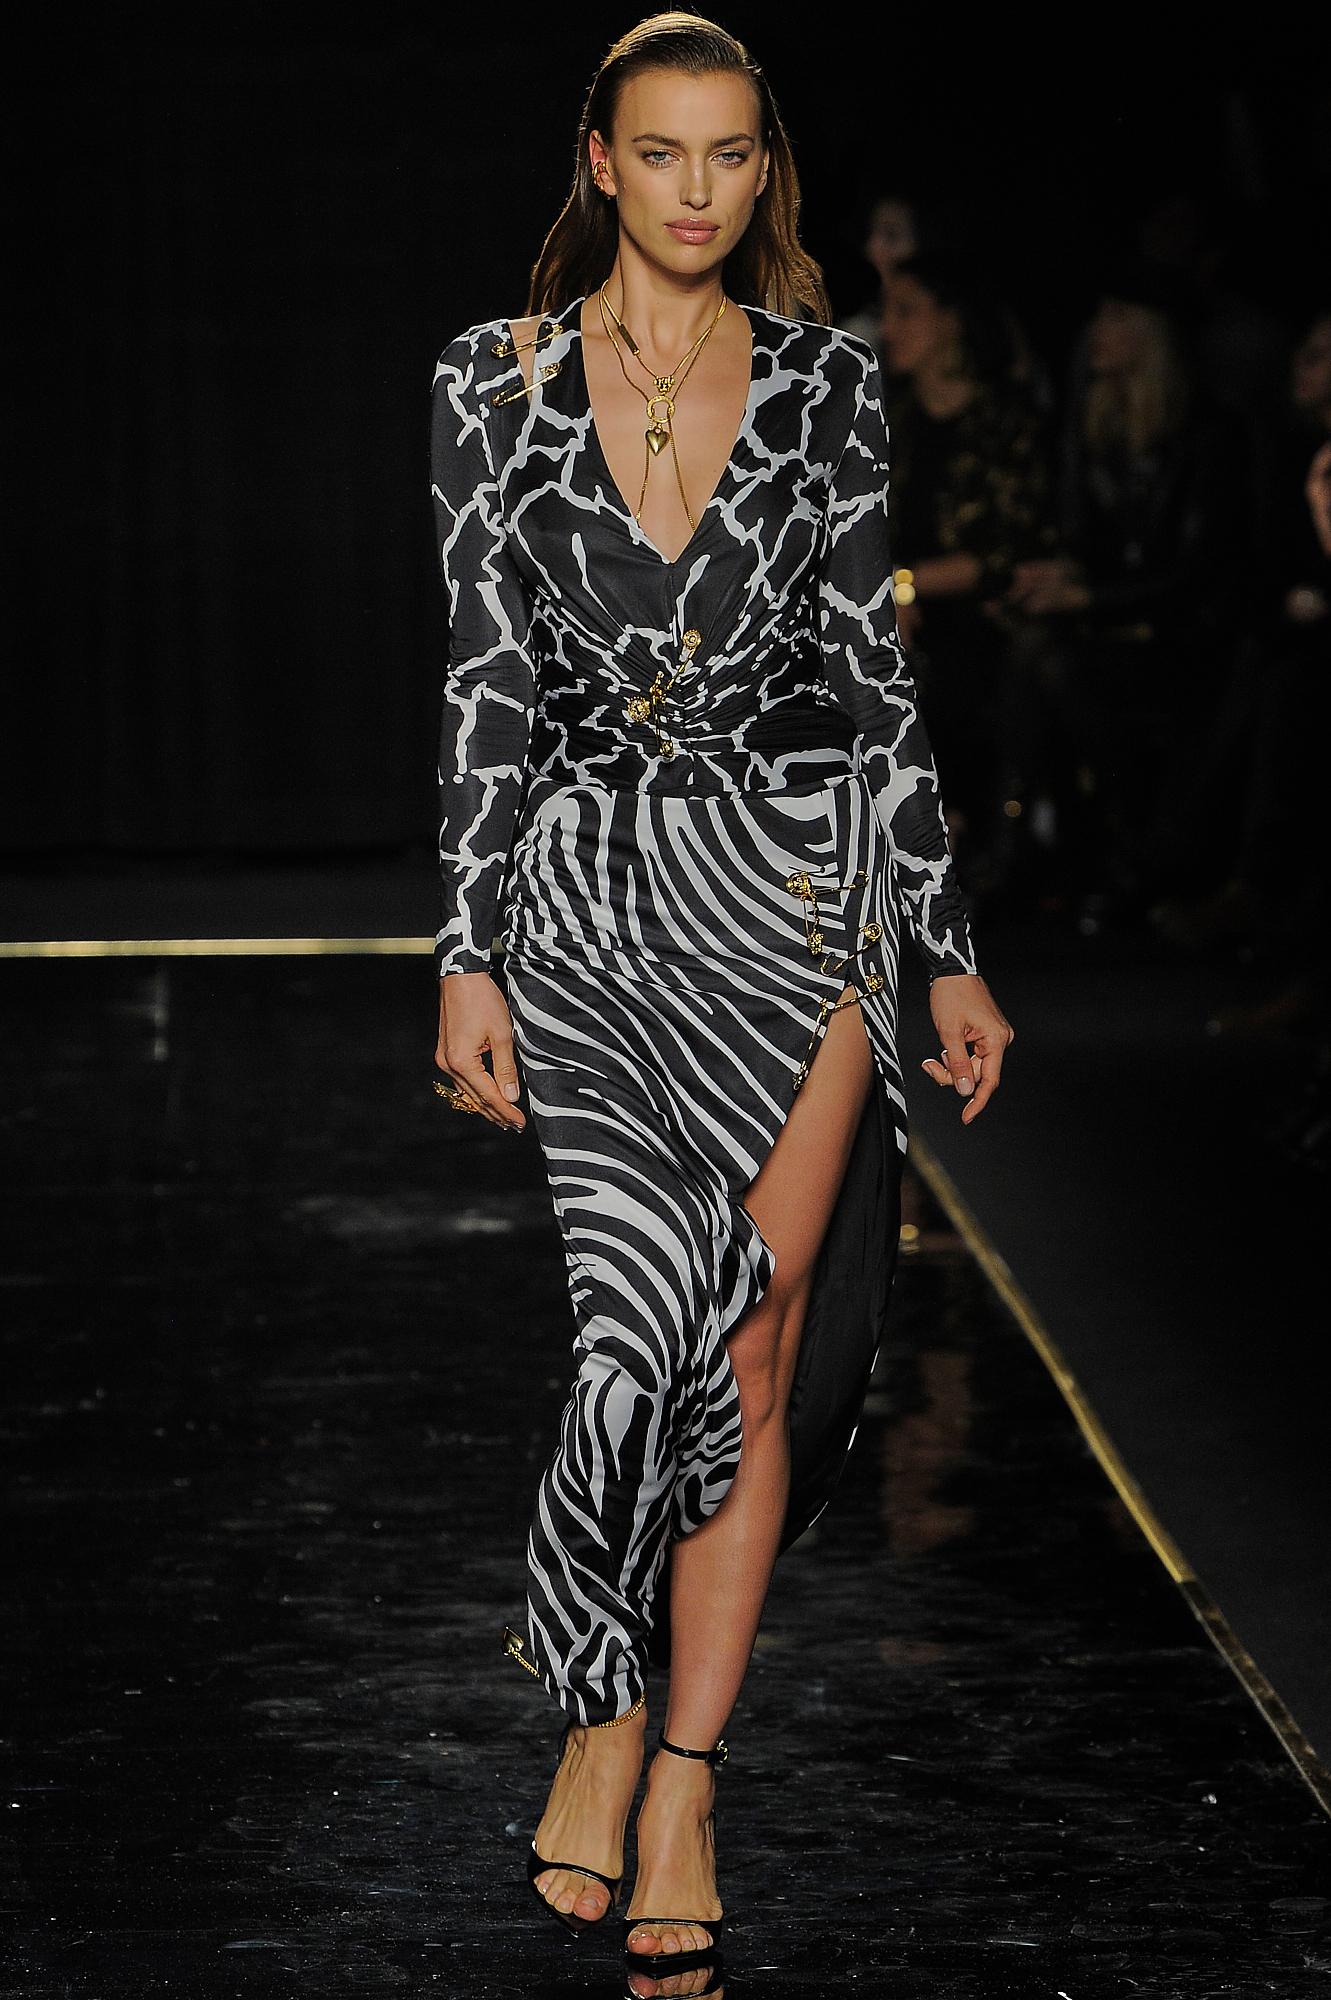 Versace_17_21_versace_runway_runway_00017.jpg